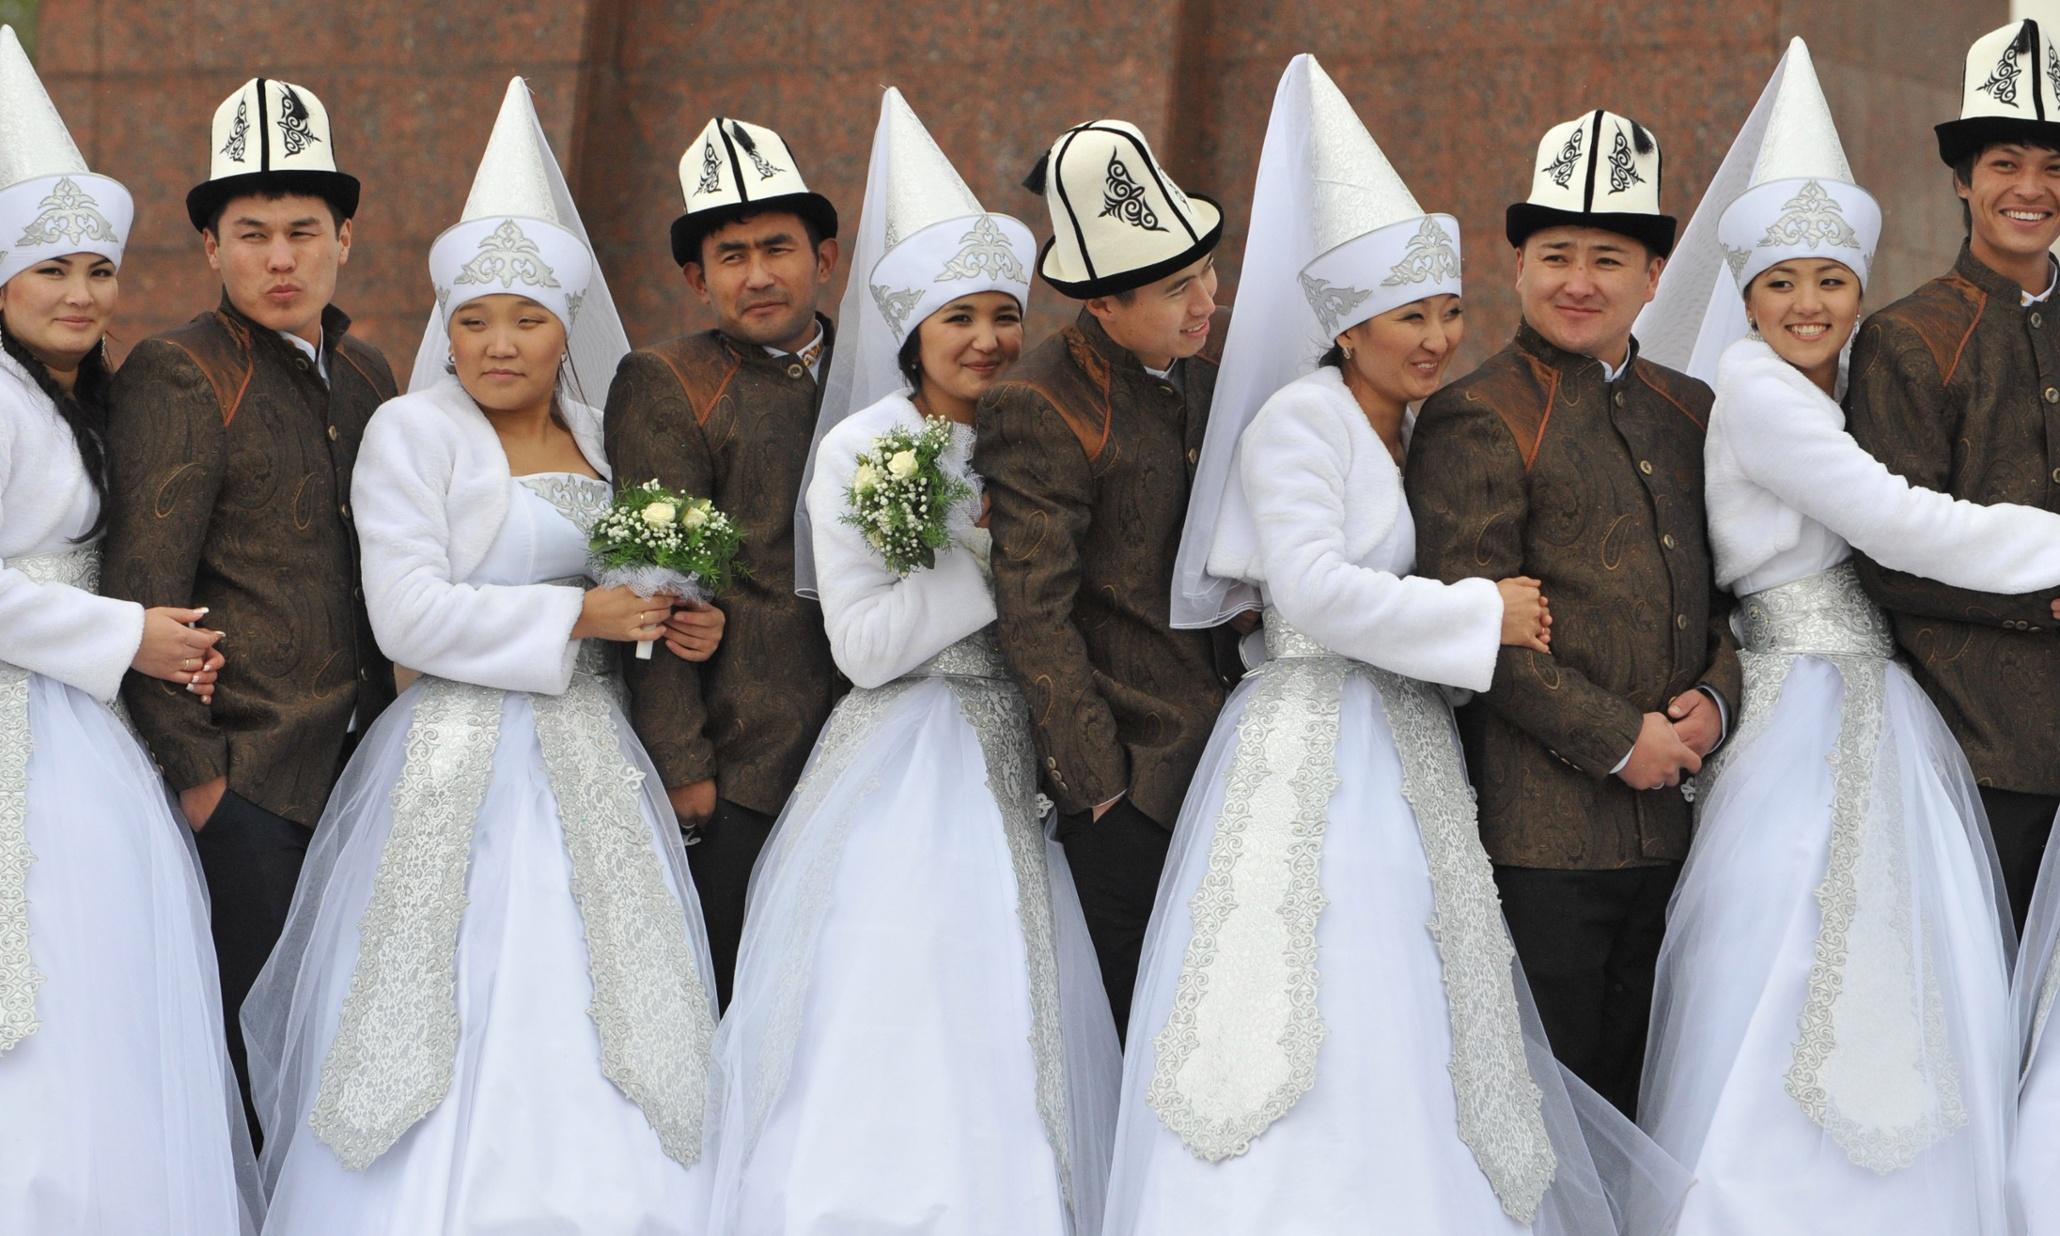 The sex school breaking taboos in Kyrgyzstan